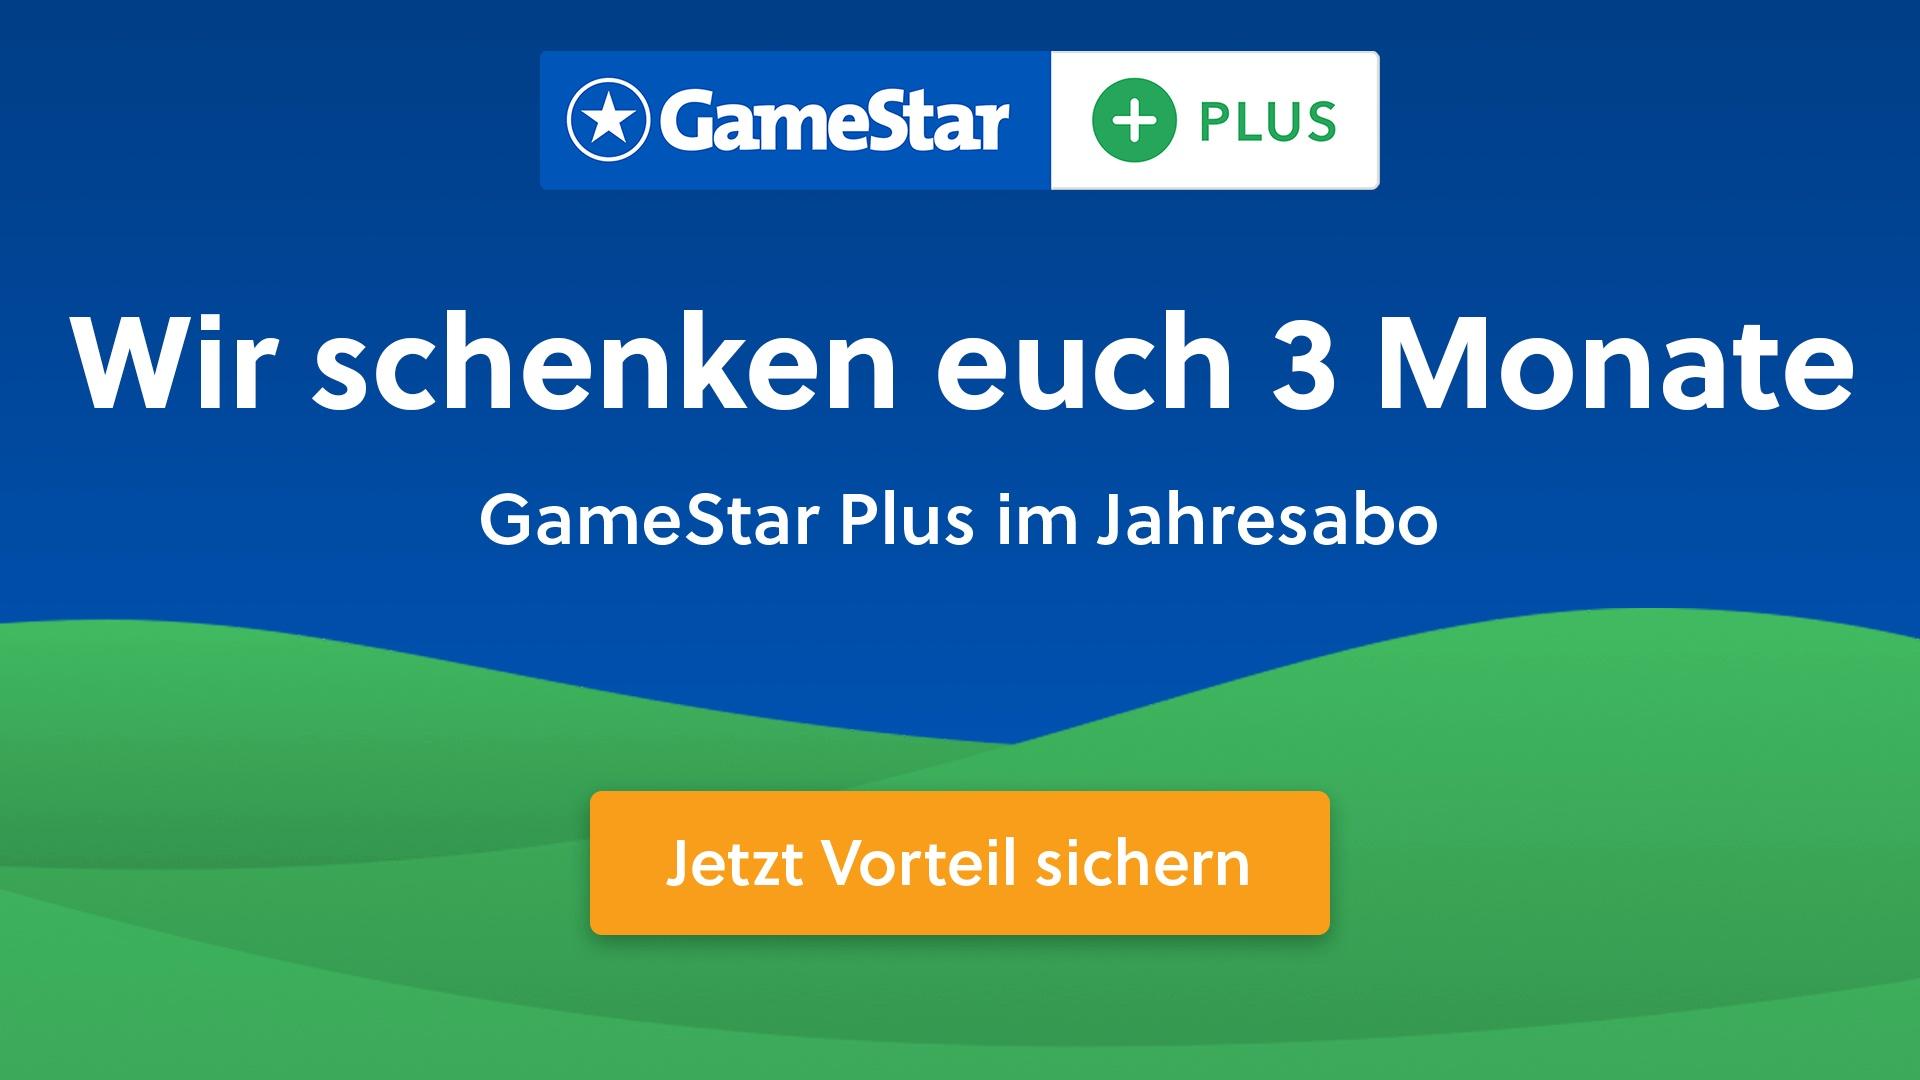 Osteraktion 3 Monate GameStar Plus geschenkt